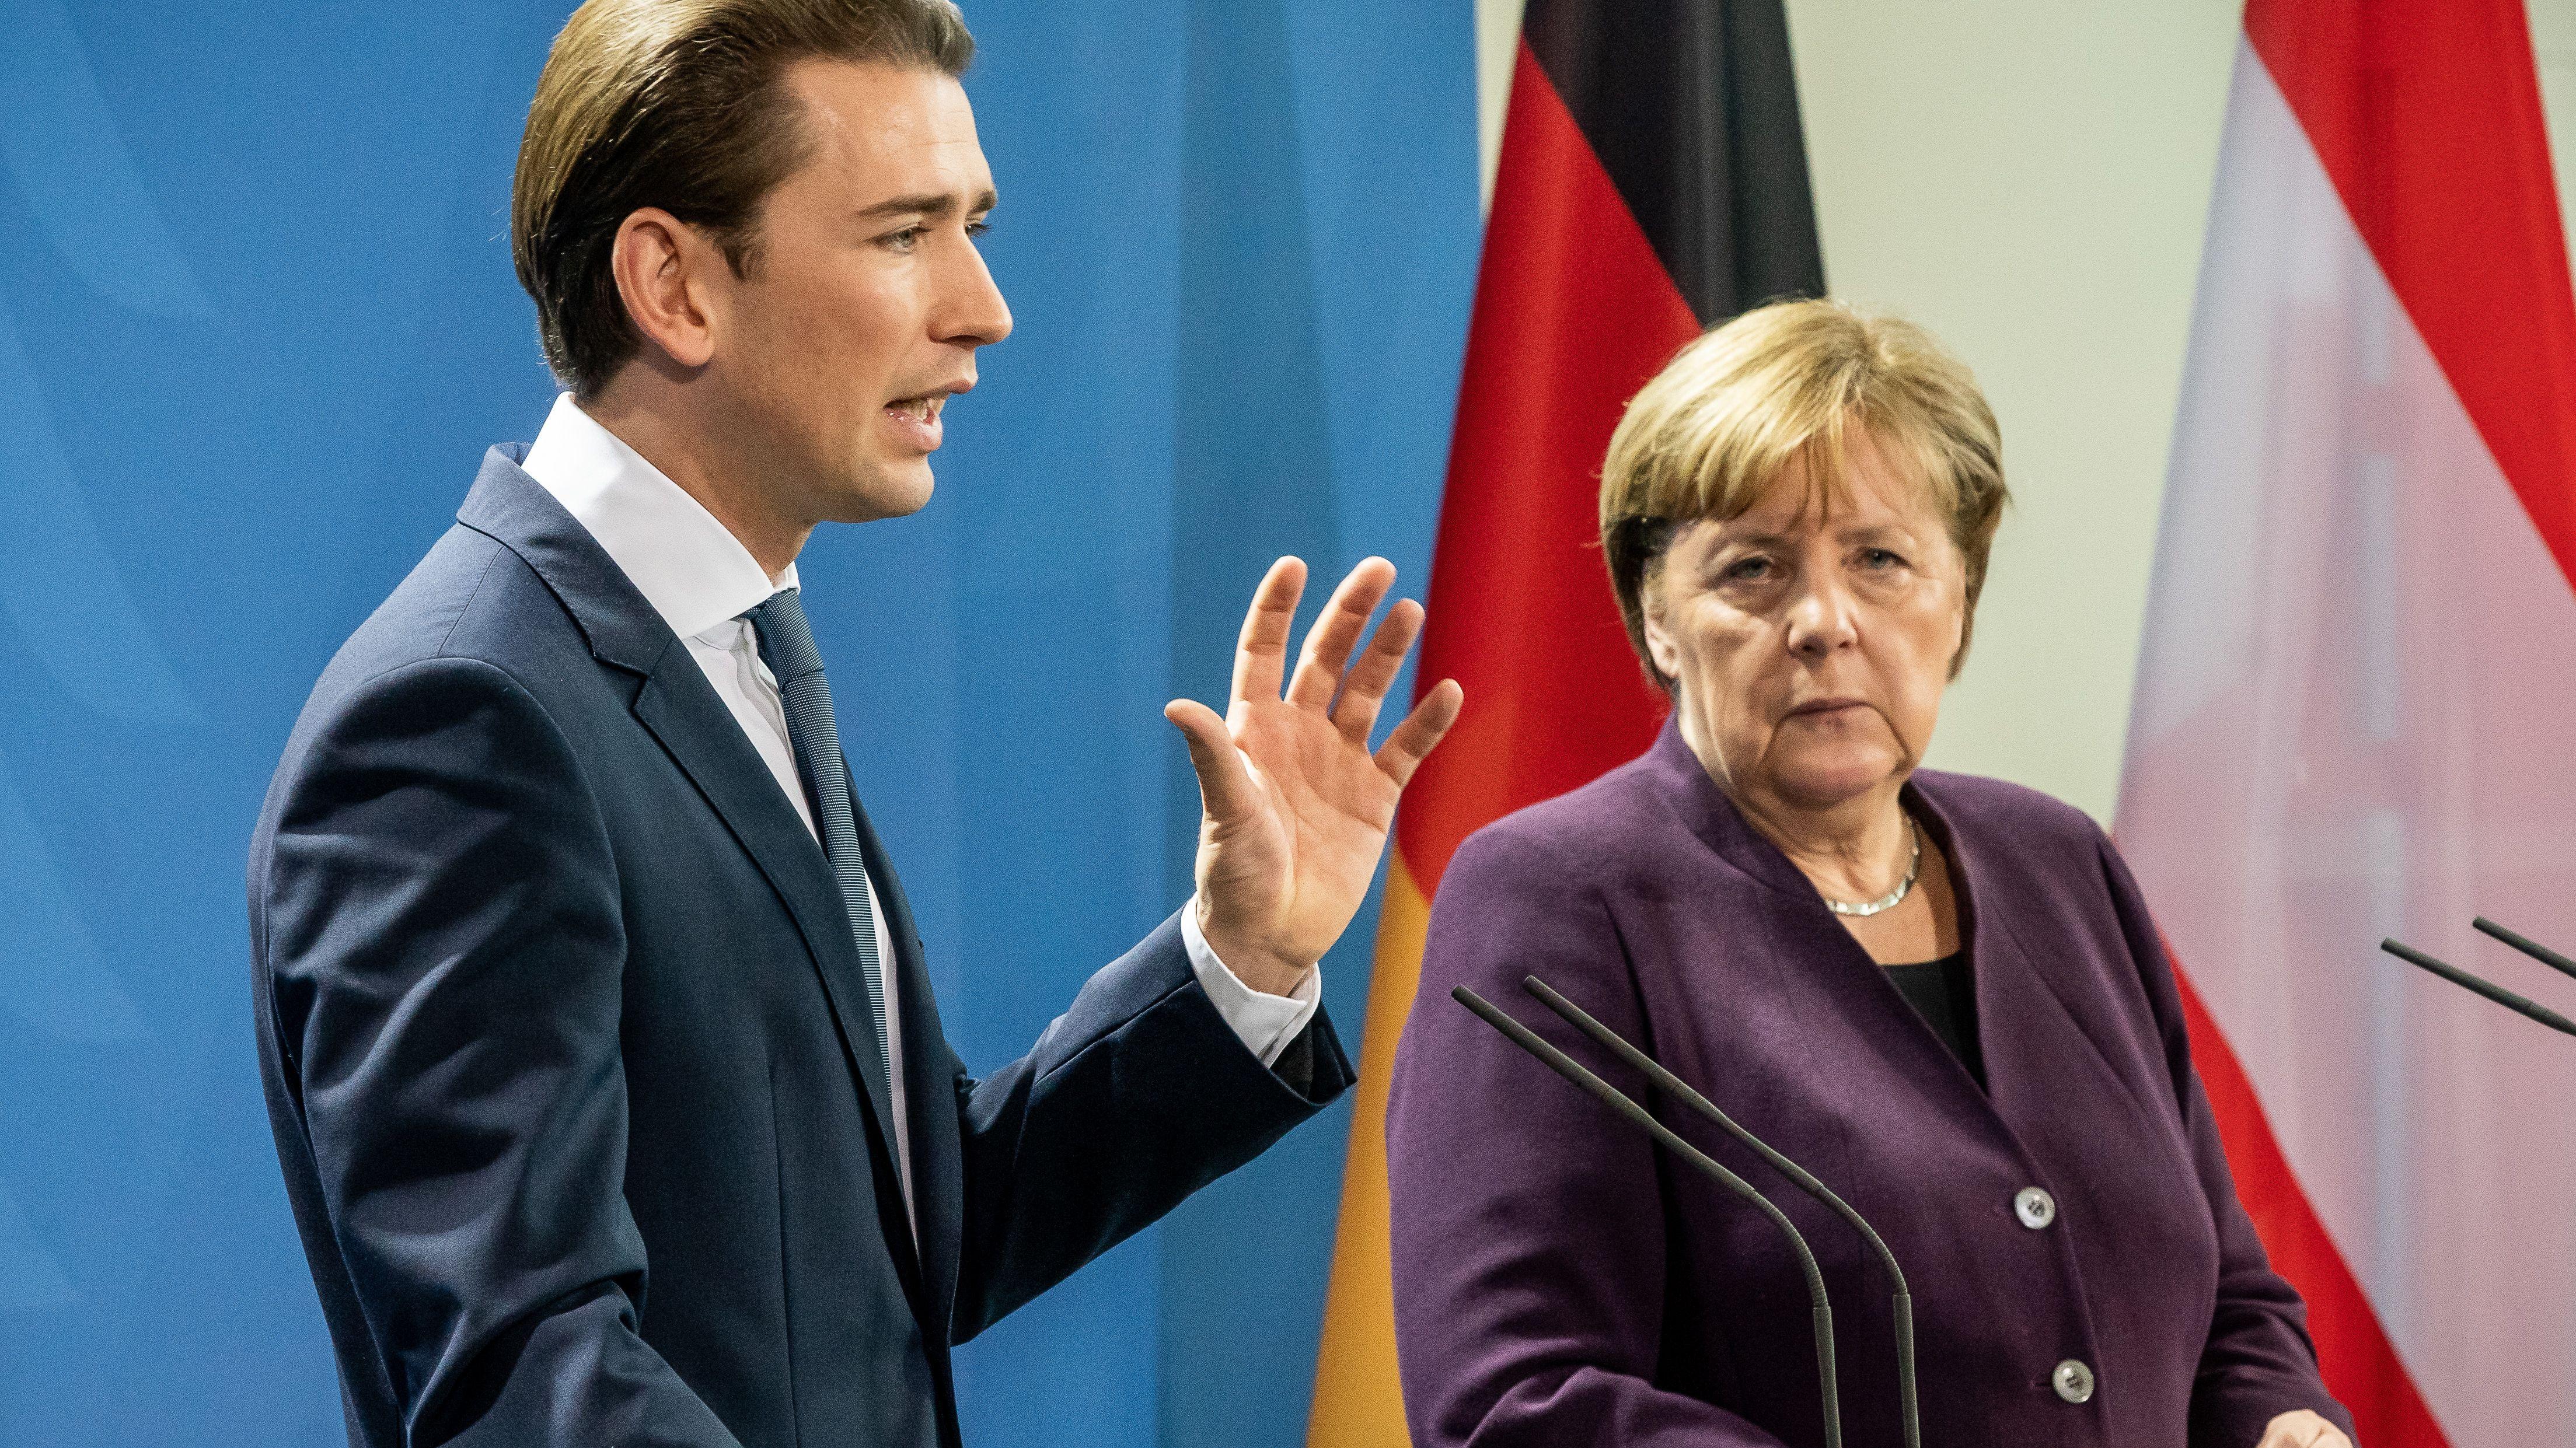 Sebastian Kurz, Bundeskanzler von Österreich spricht neben Bundeskanzlerin Angela Merkel (CDU) bei einer Pressekonferenz im Kanzleramt.